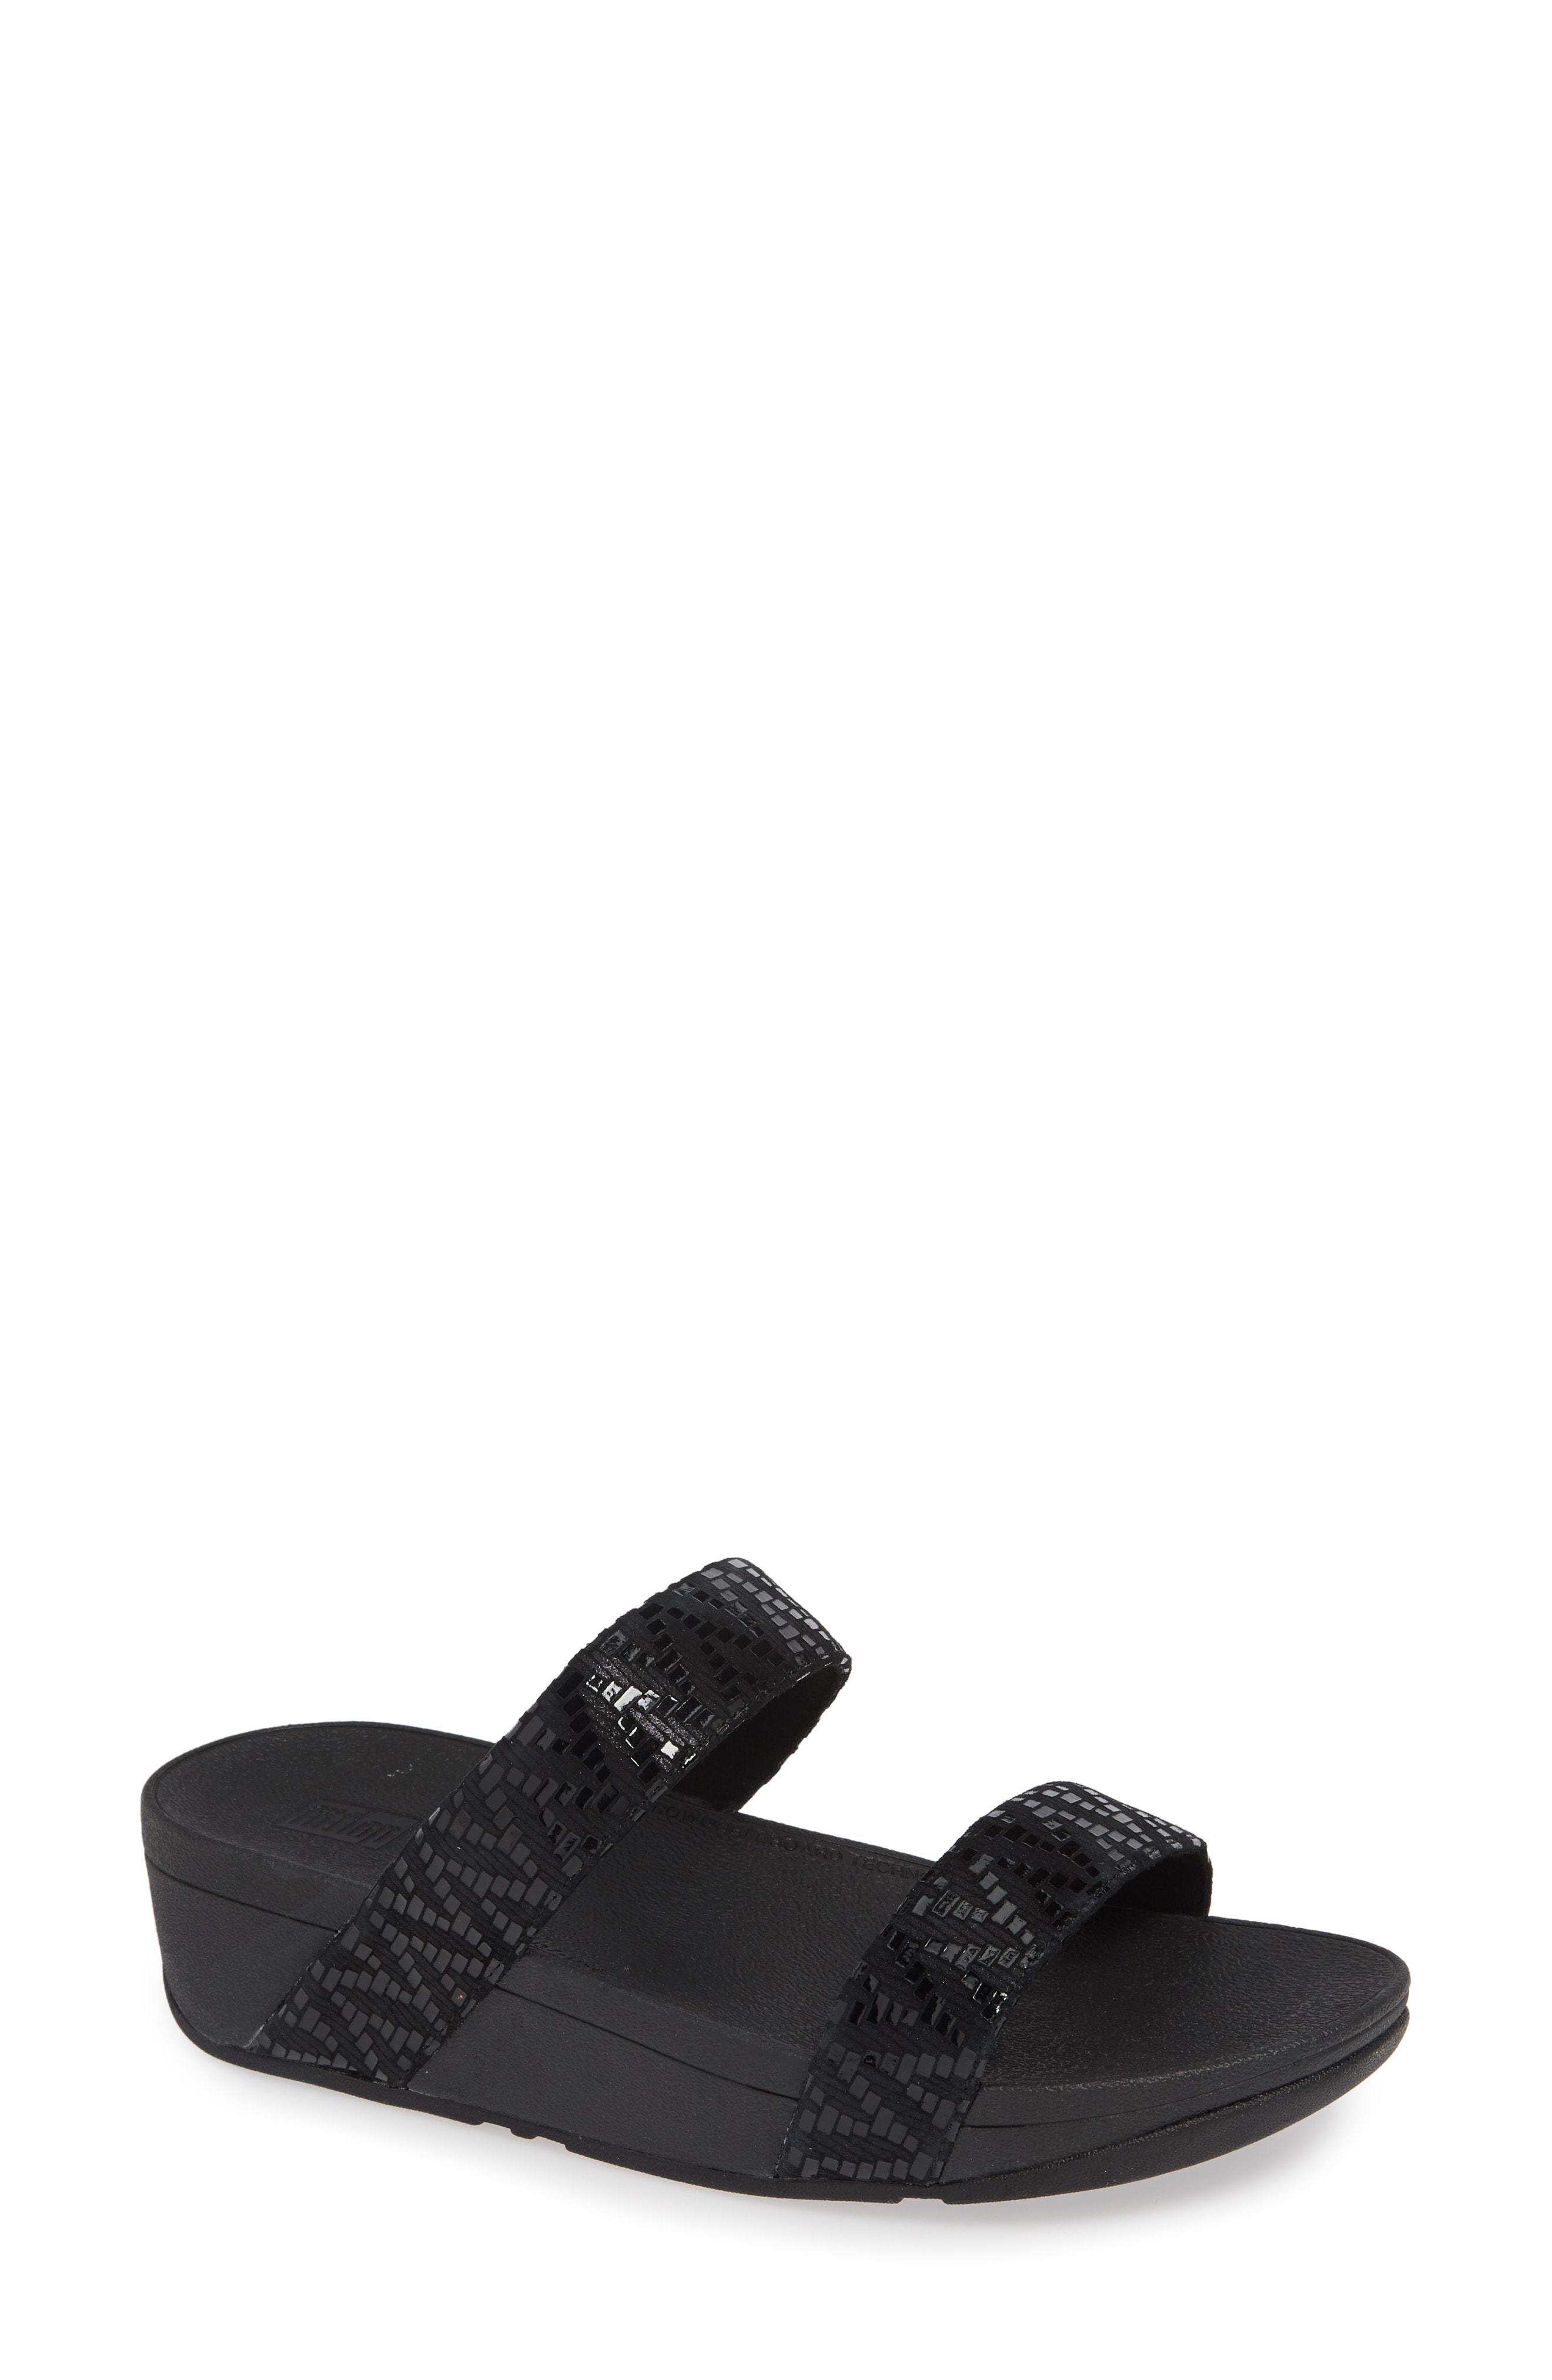 5e107183d Lyst - Fitflop Lottie Chevron Wedge Slide Sandal in Black